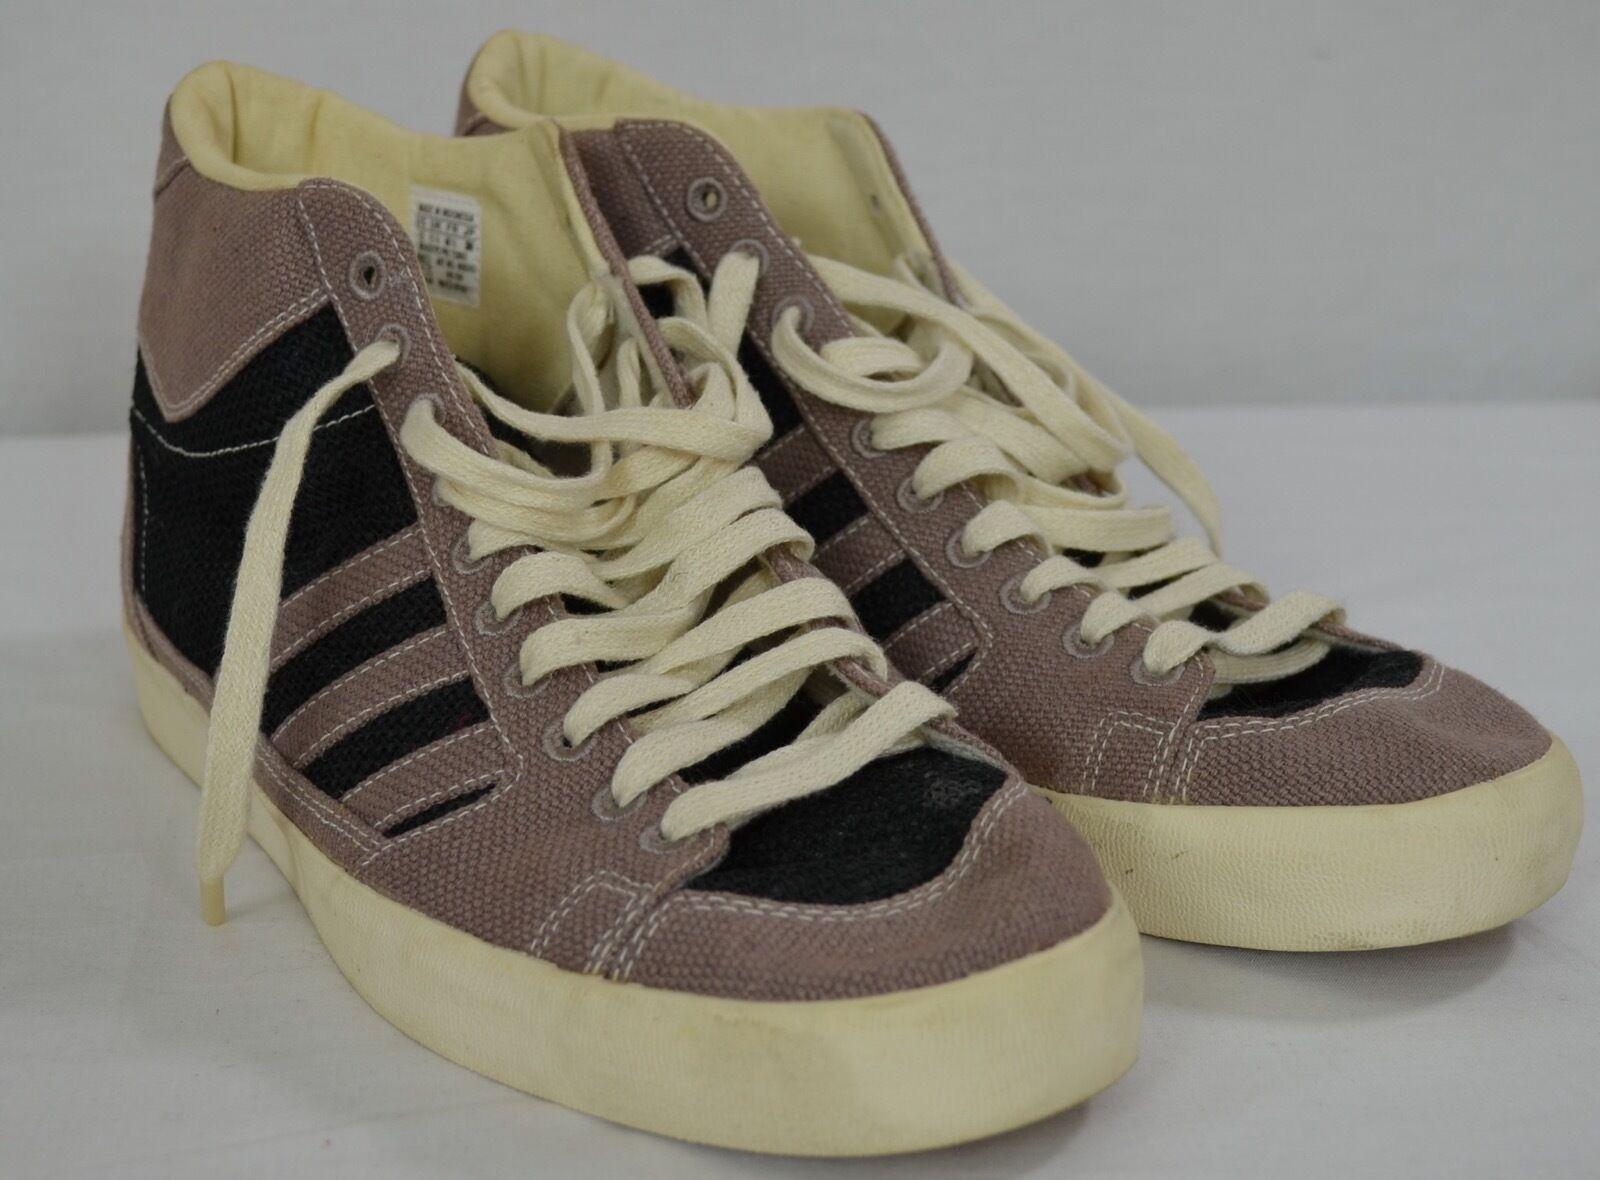 RARE Adidas REGROUND Vegan Recycled Beige Burlap 3 Stripe Hi-Top Sneakers 12